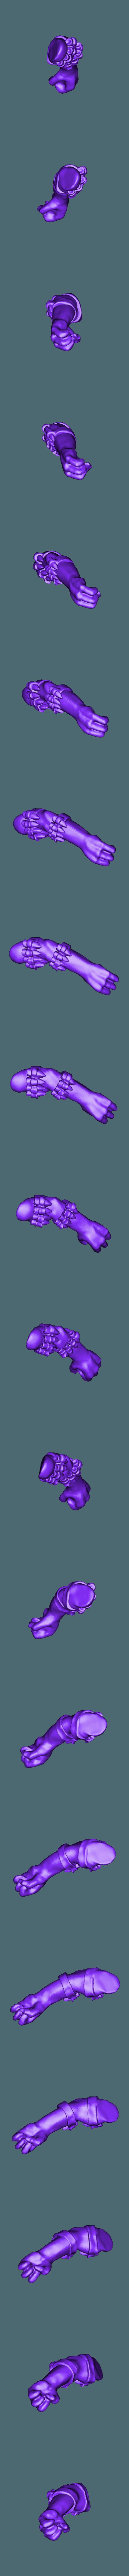 left_arm_v4.stl Télécharger fichier STL gratuit Miniatures de guerriers caméléons • Design à imprimer en 3D, Ilhadiel